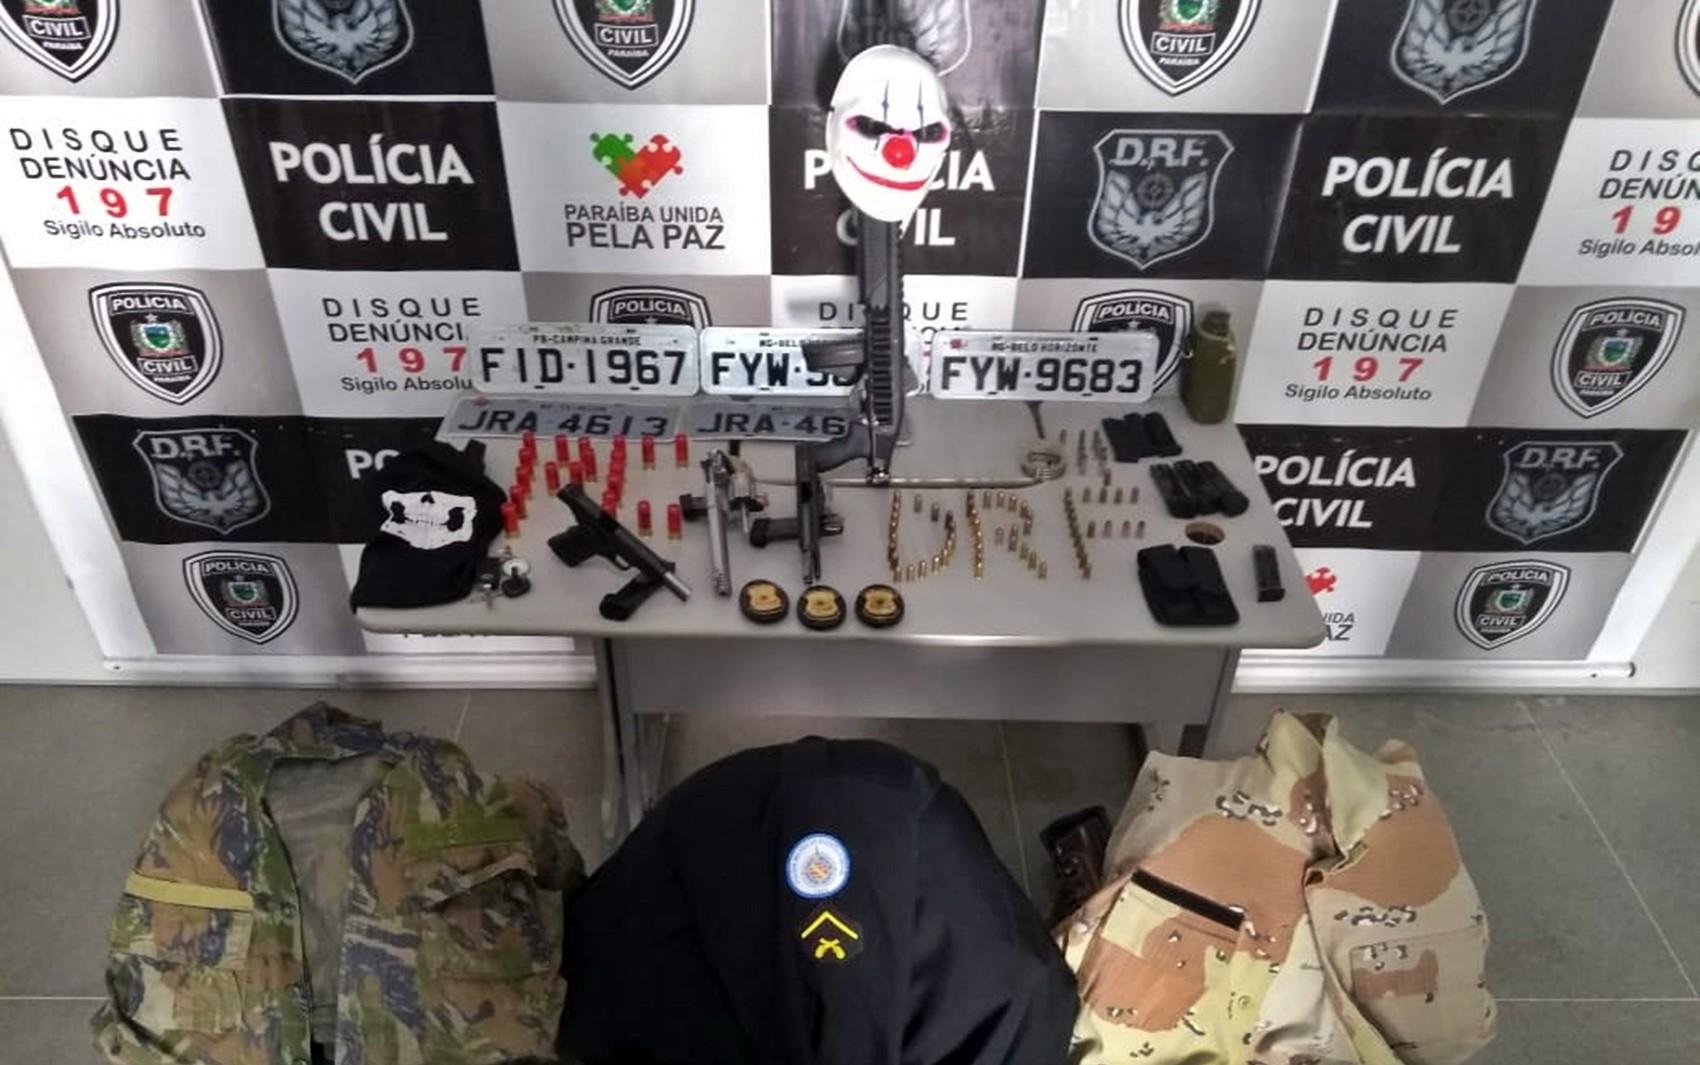 Policiais da Bahia são presos na PB suspeitos de sequestros de empresários e roubos